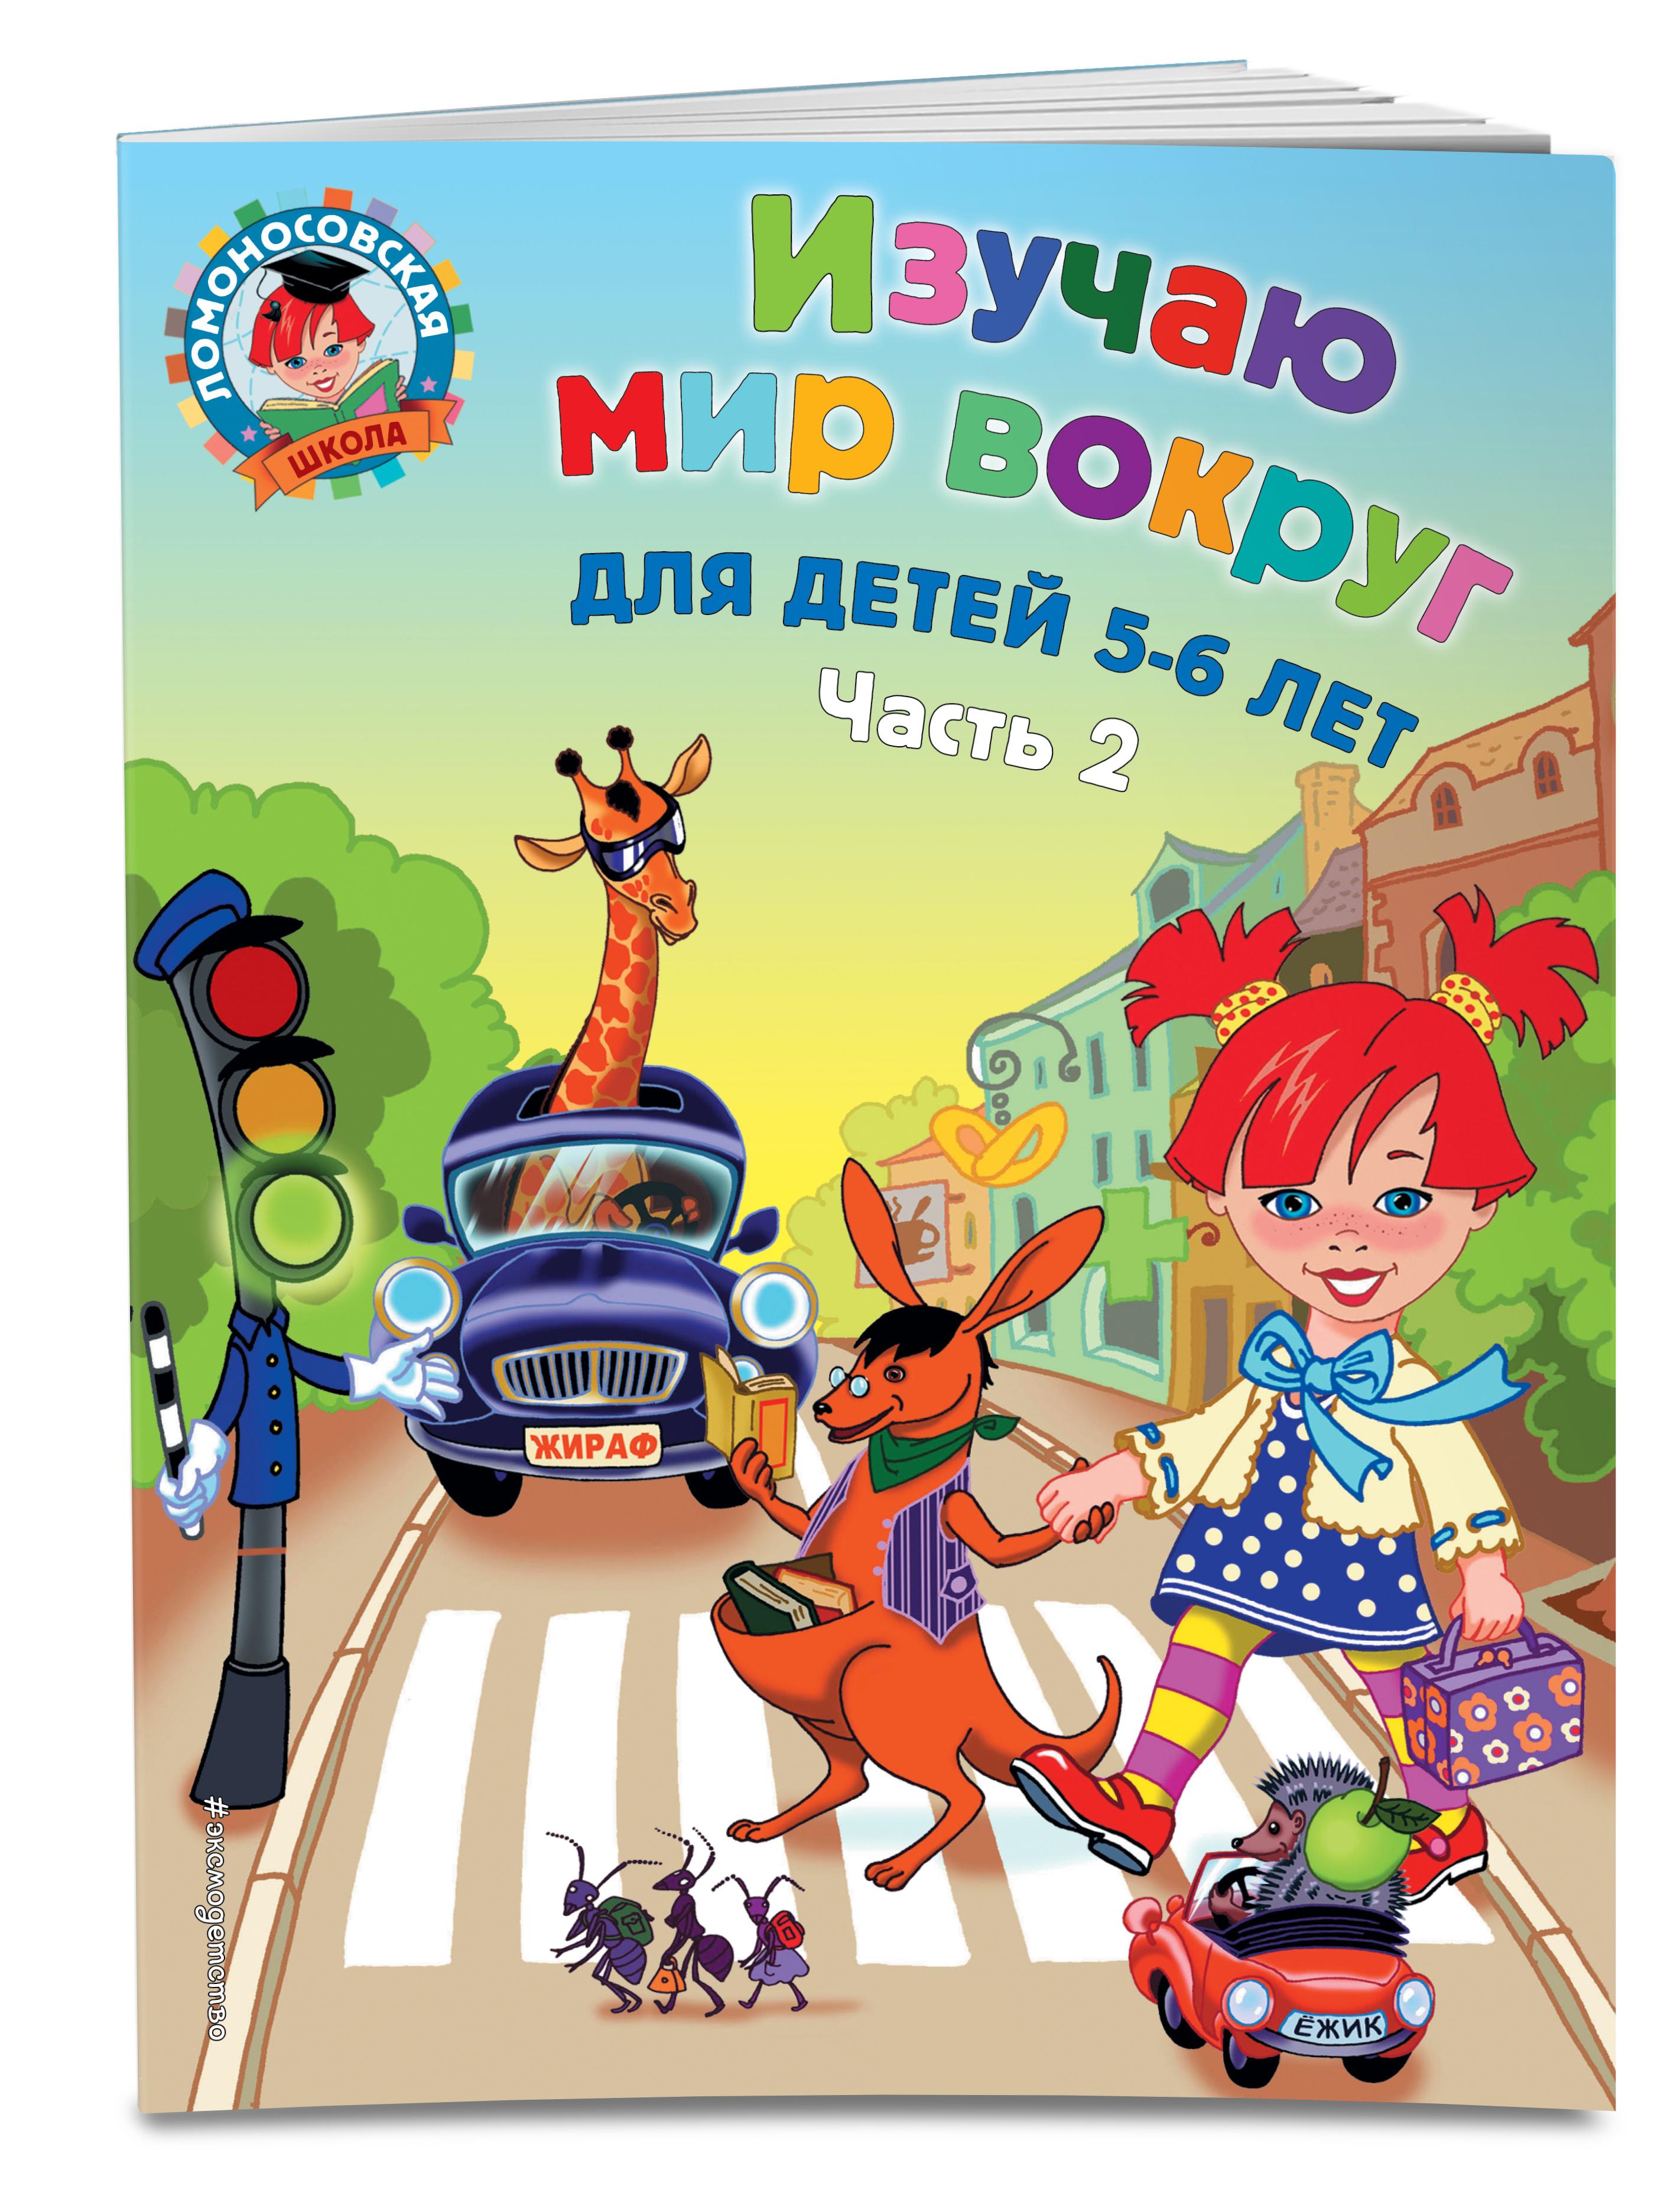 В. А. Егупова Изучаю мир вокруг: для детей 5-6 лет. Ч. 2 книги эксмо изучаю мир вокруг для детей 6 7 лет